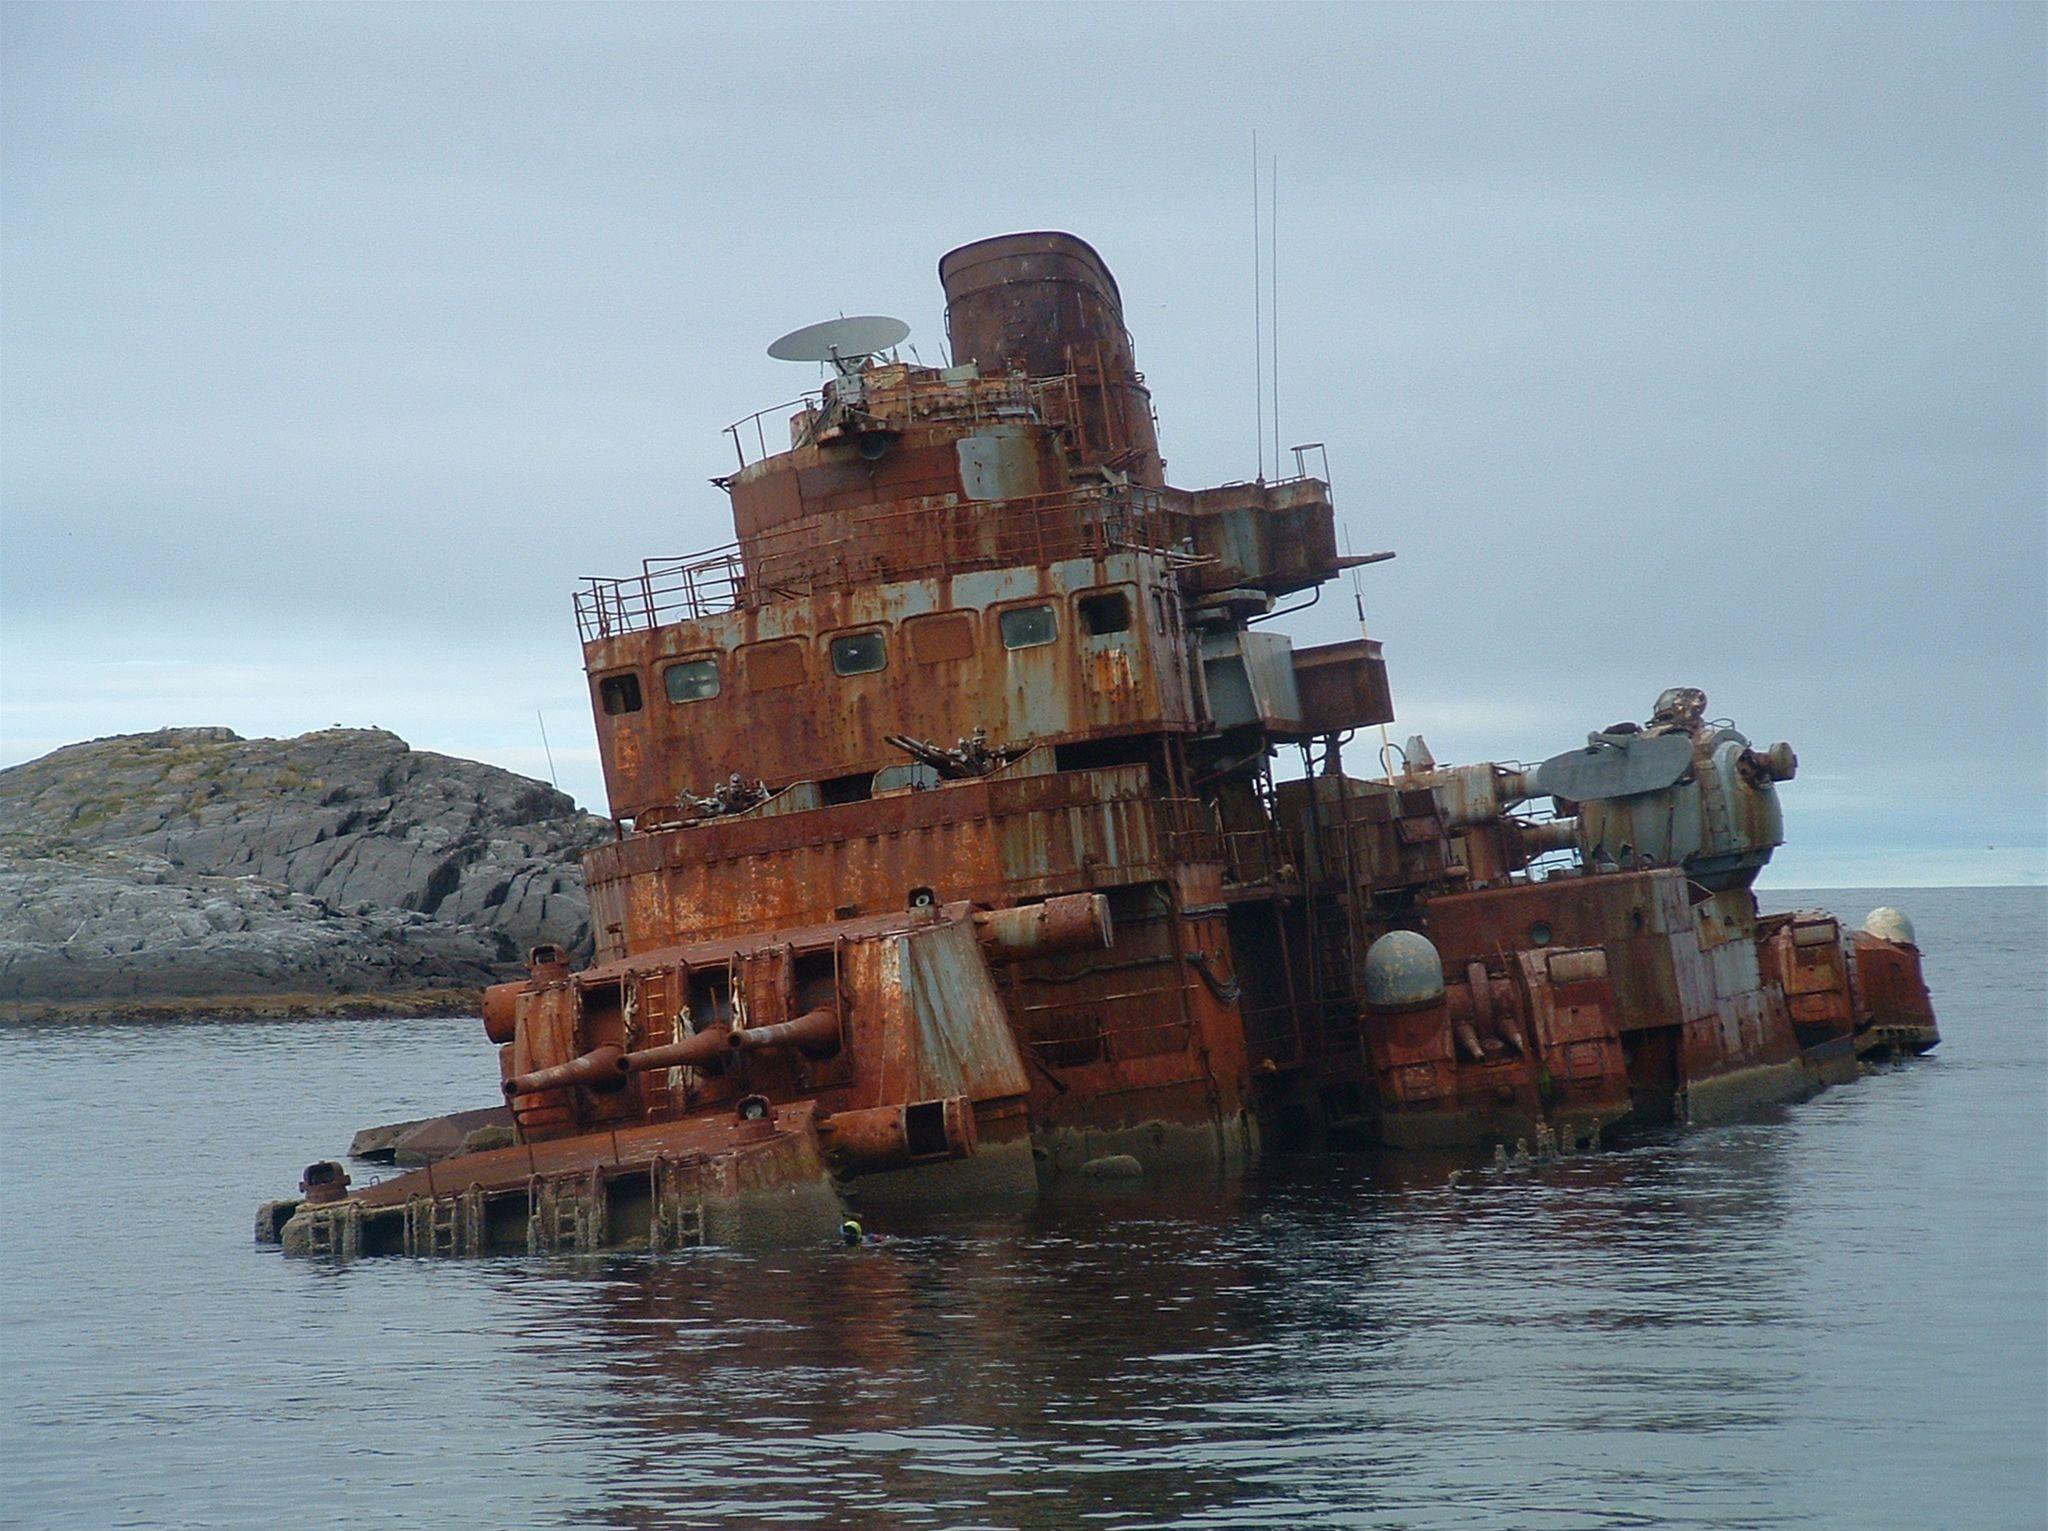 FL3JM,  © FL3JM, Das kriegsschiff